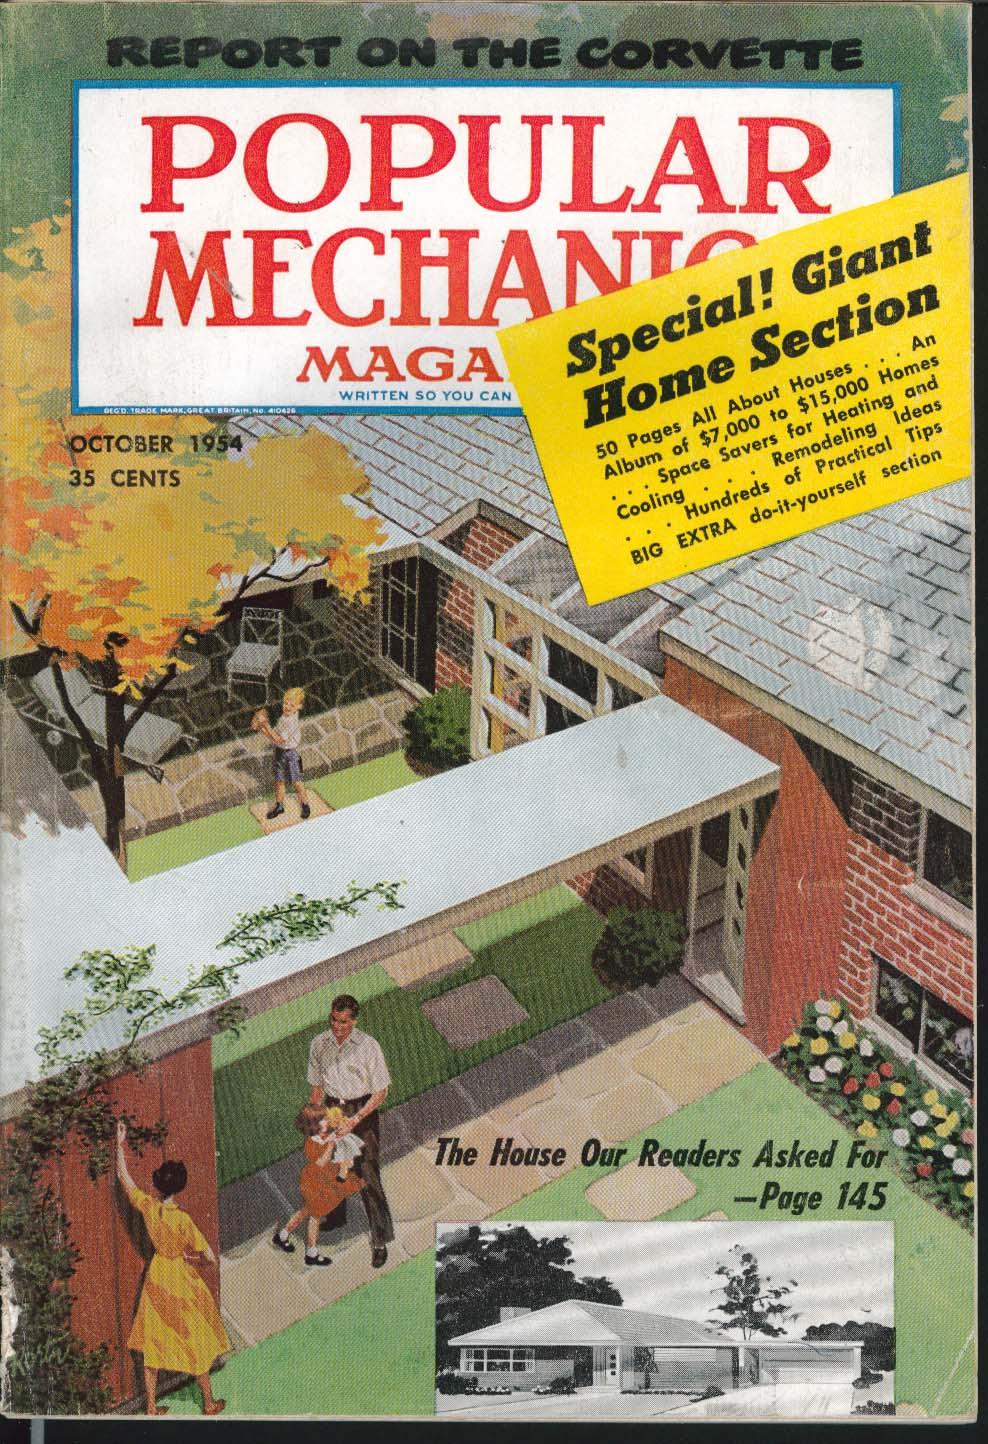 Image for POPULAR MECHANICS Corvette test report Dream House ++ 10 1954